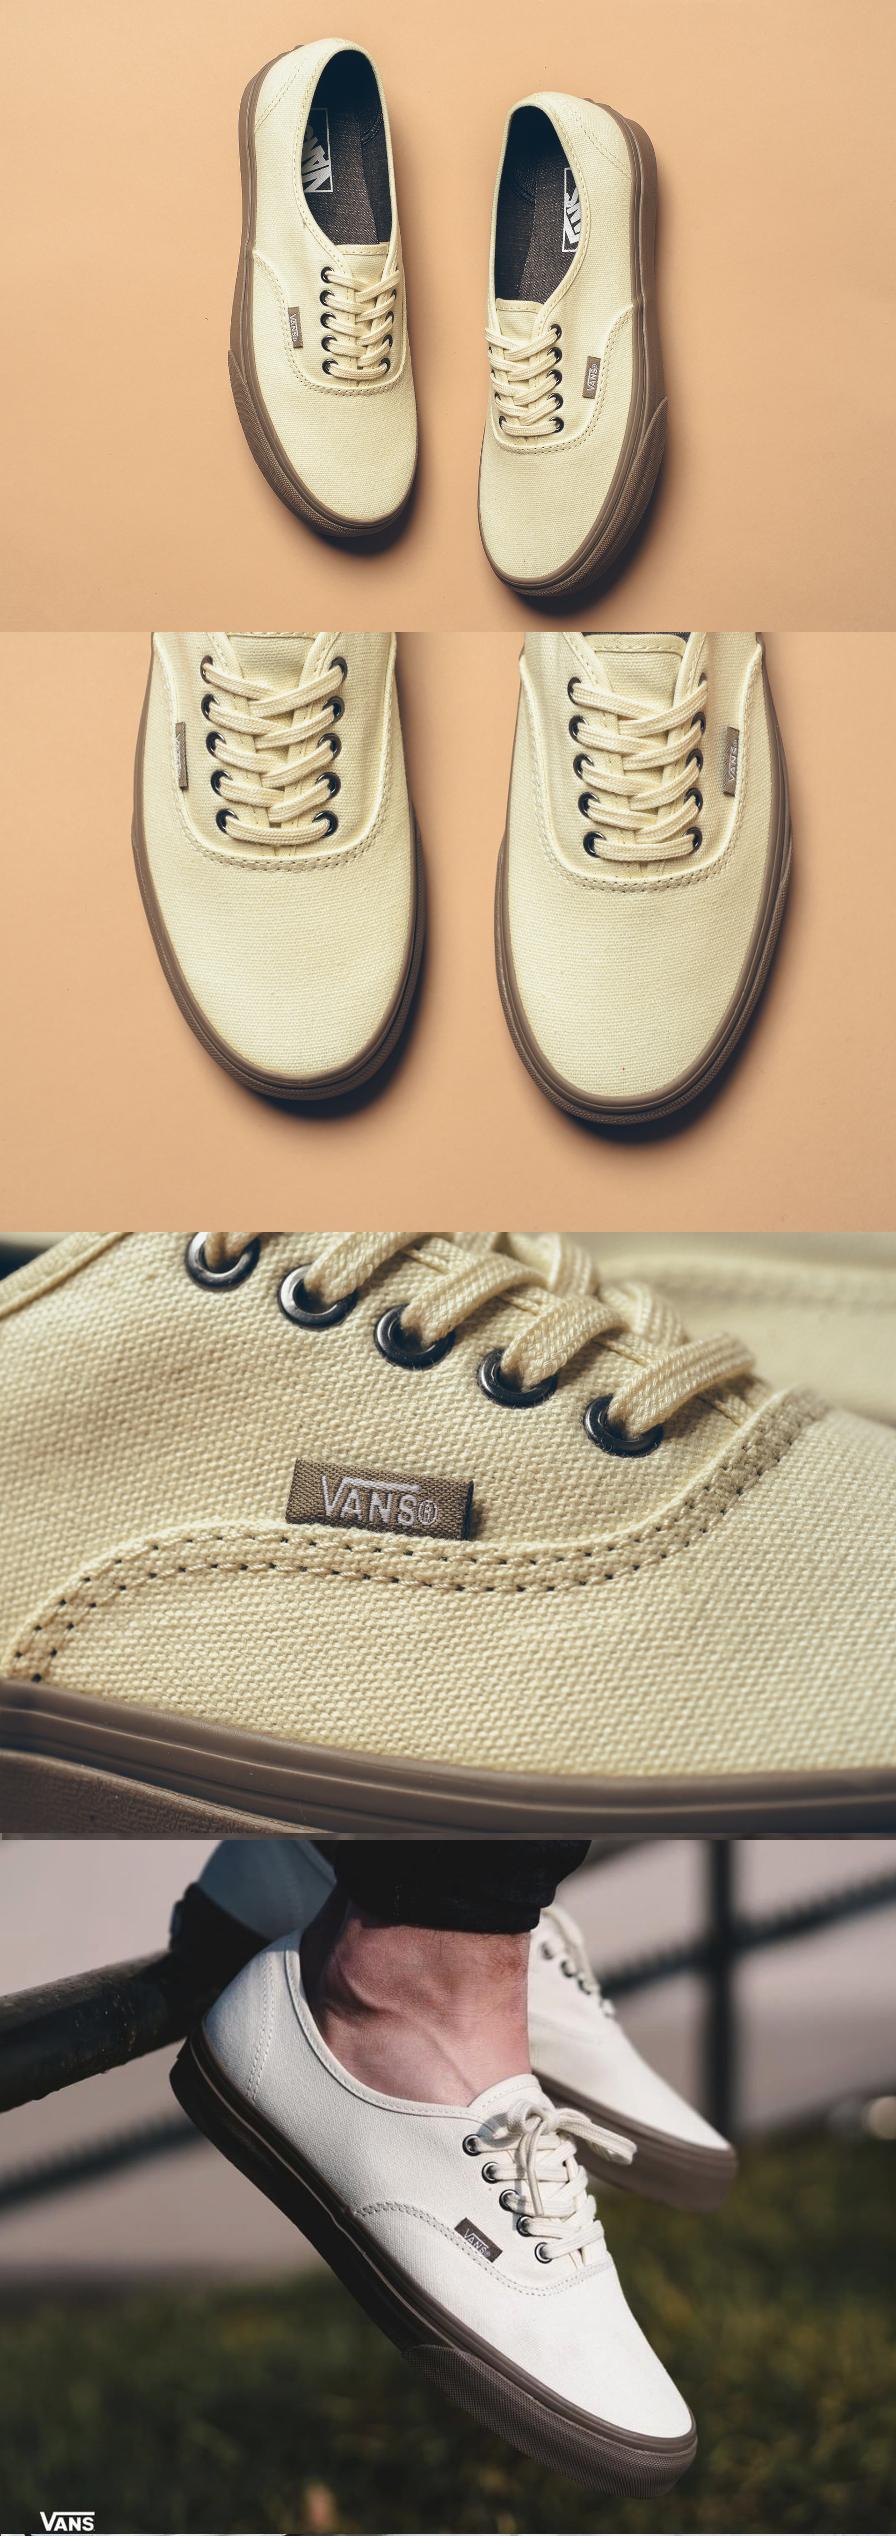 vans hombre zapatillas 2017